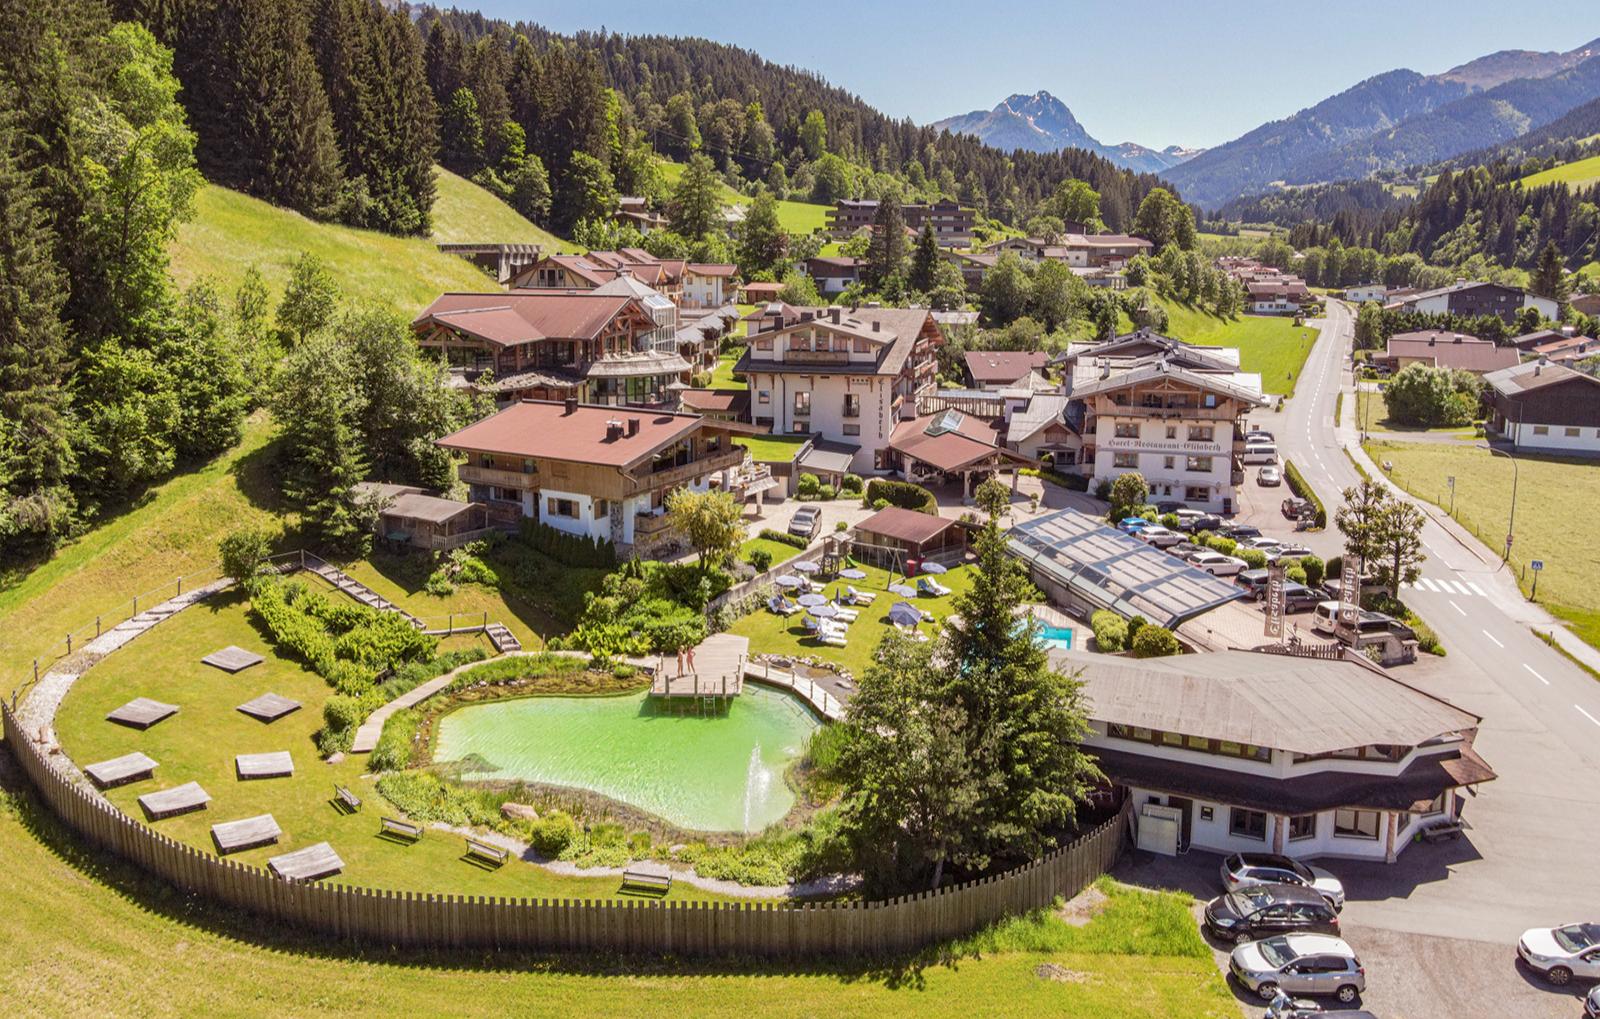 wellnesshotels-kirchberg-bg10